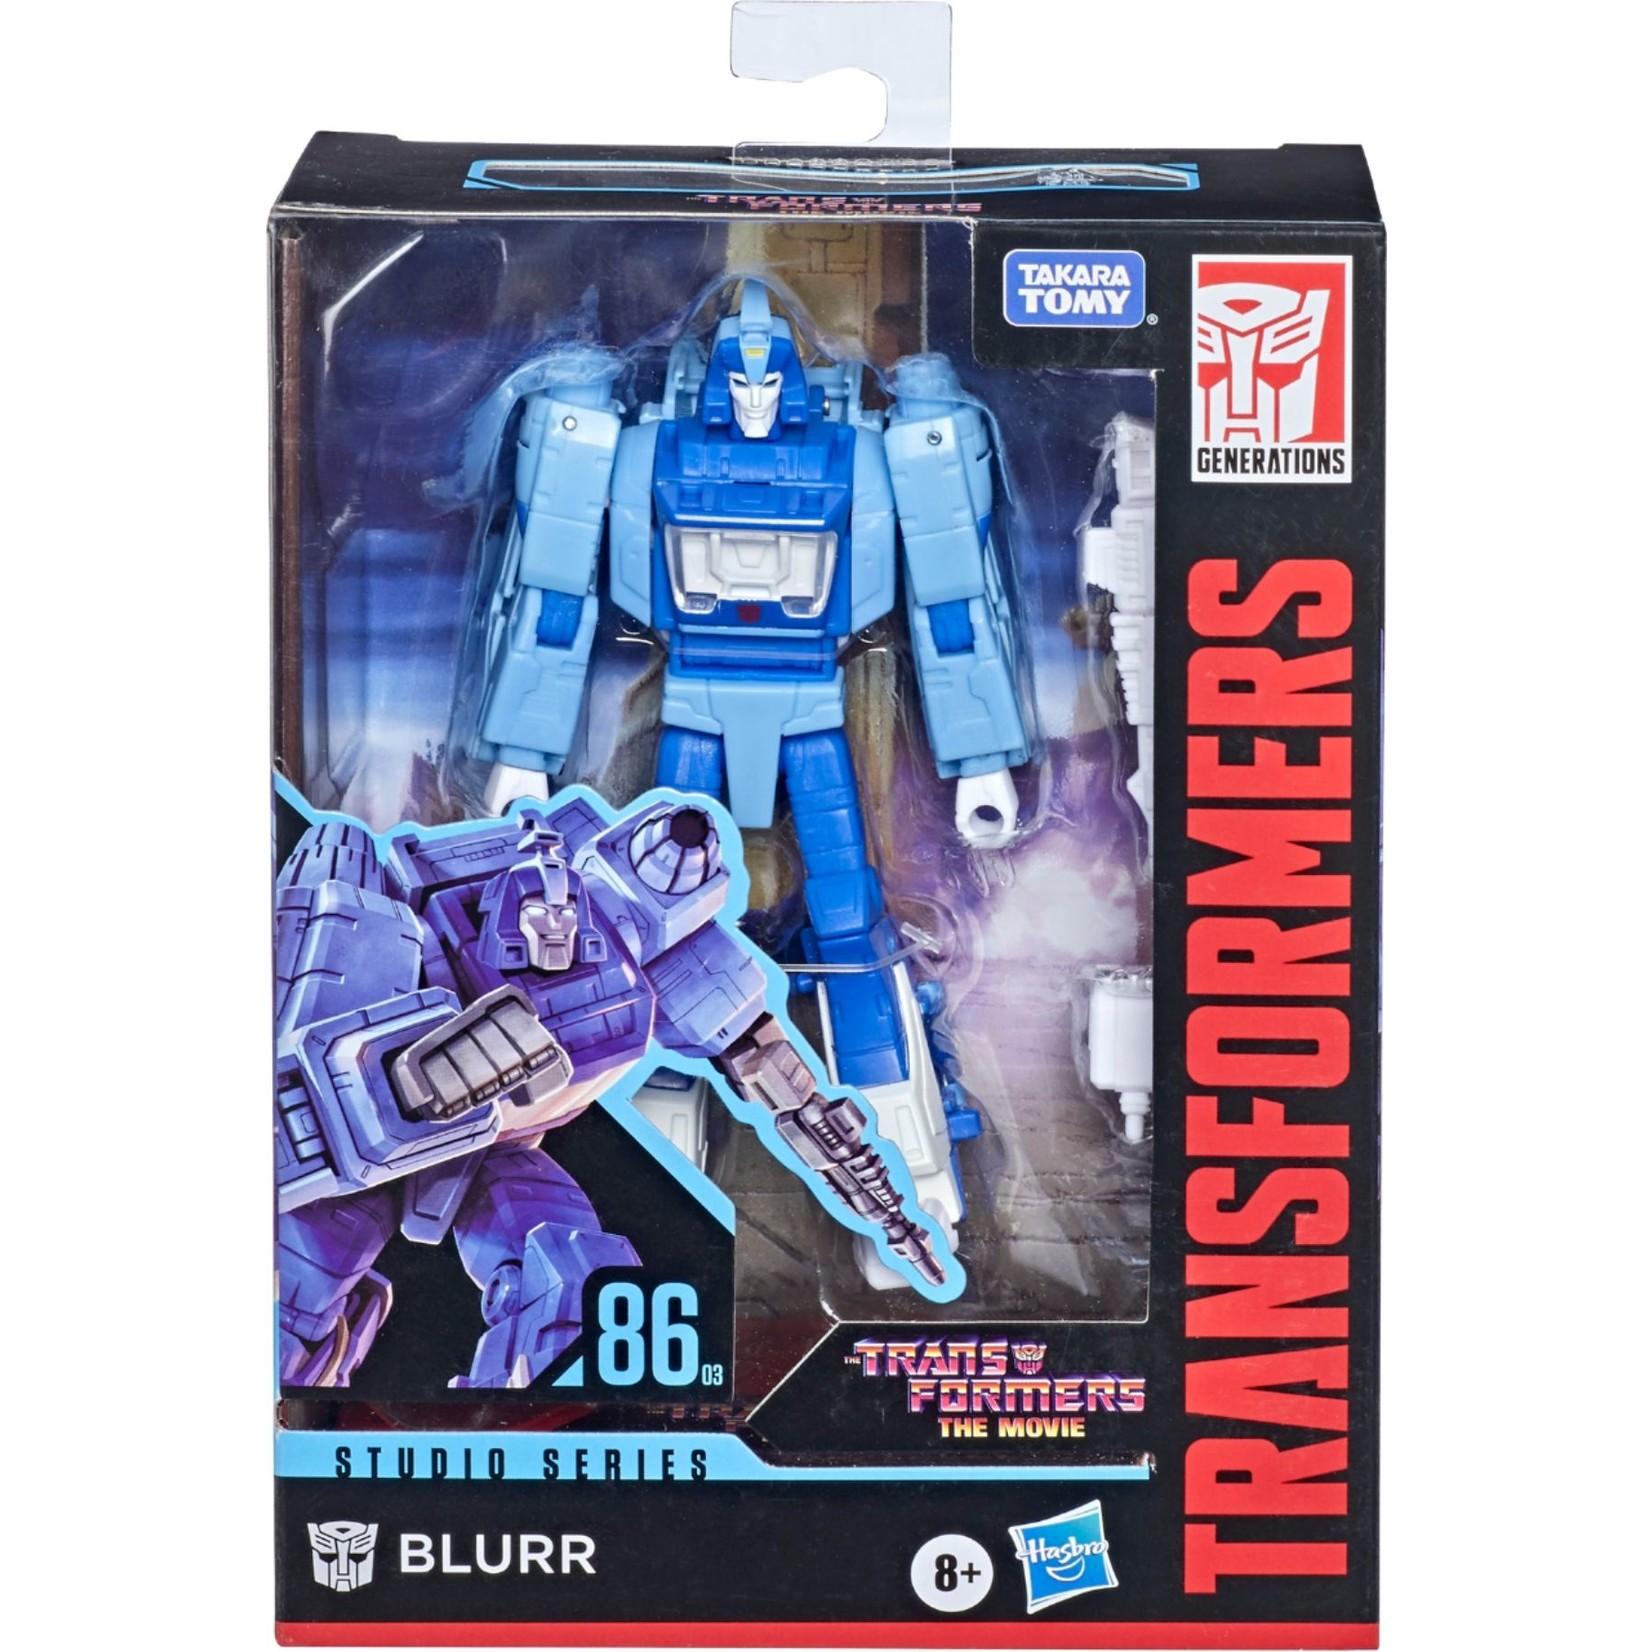 Hasbro Transformers Studio Series 86-03 Deluxe Blurr